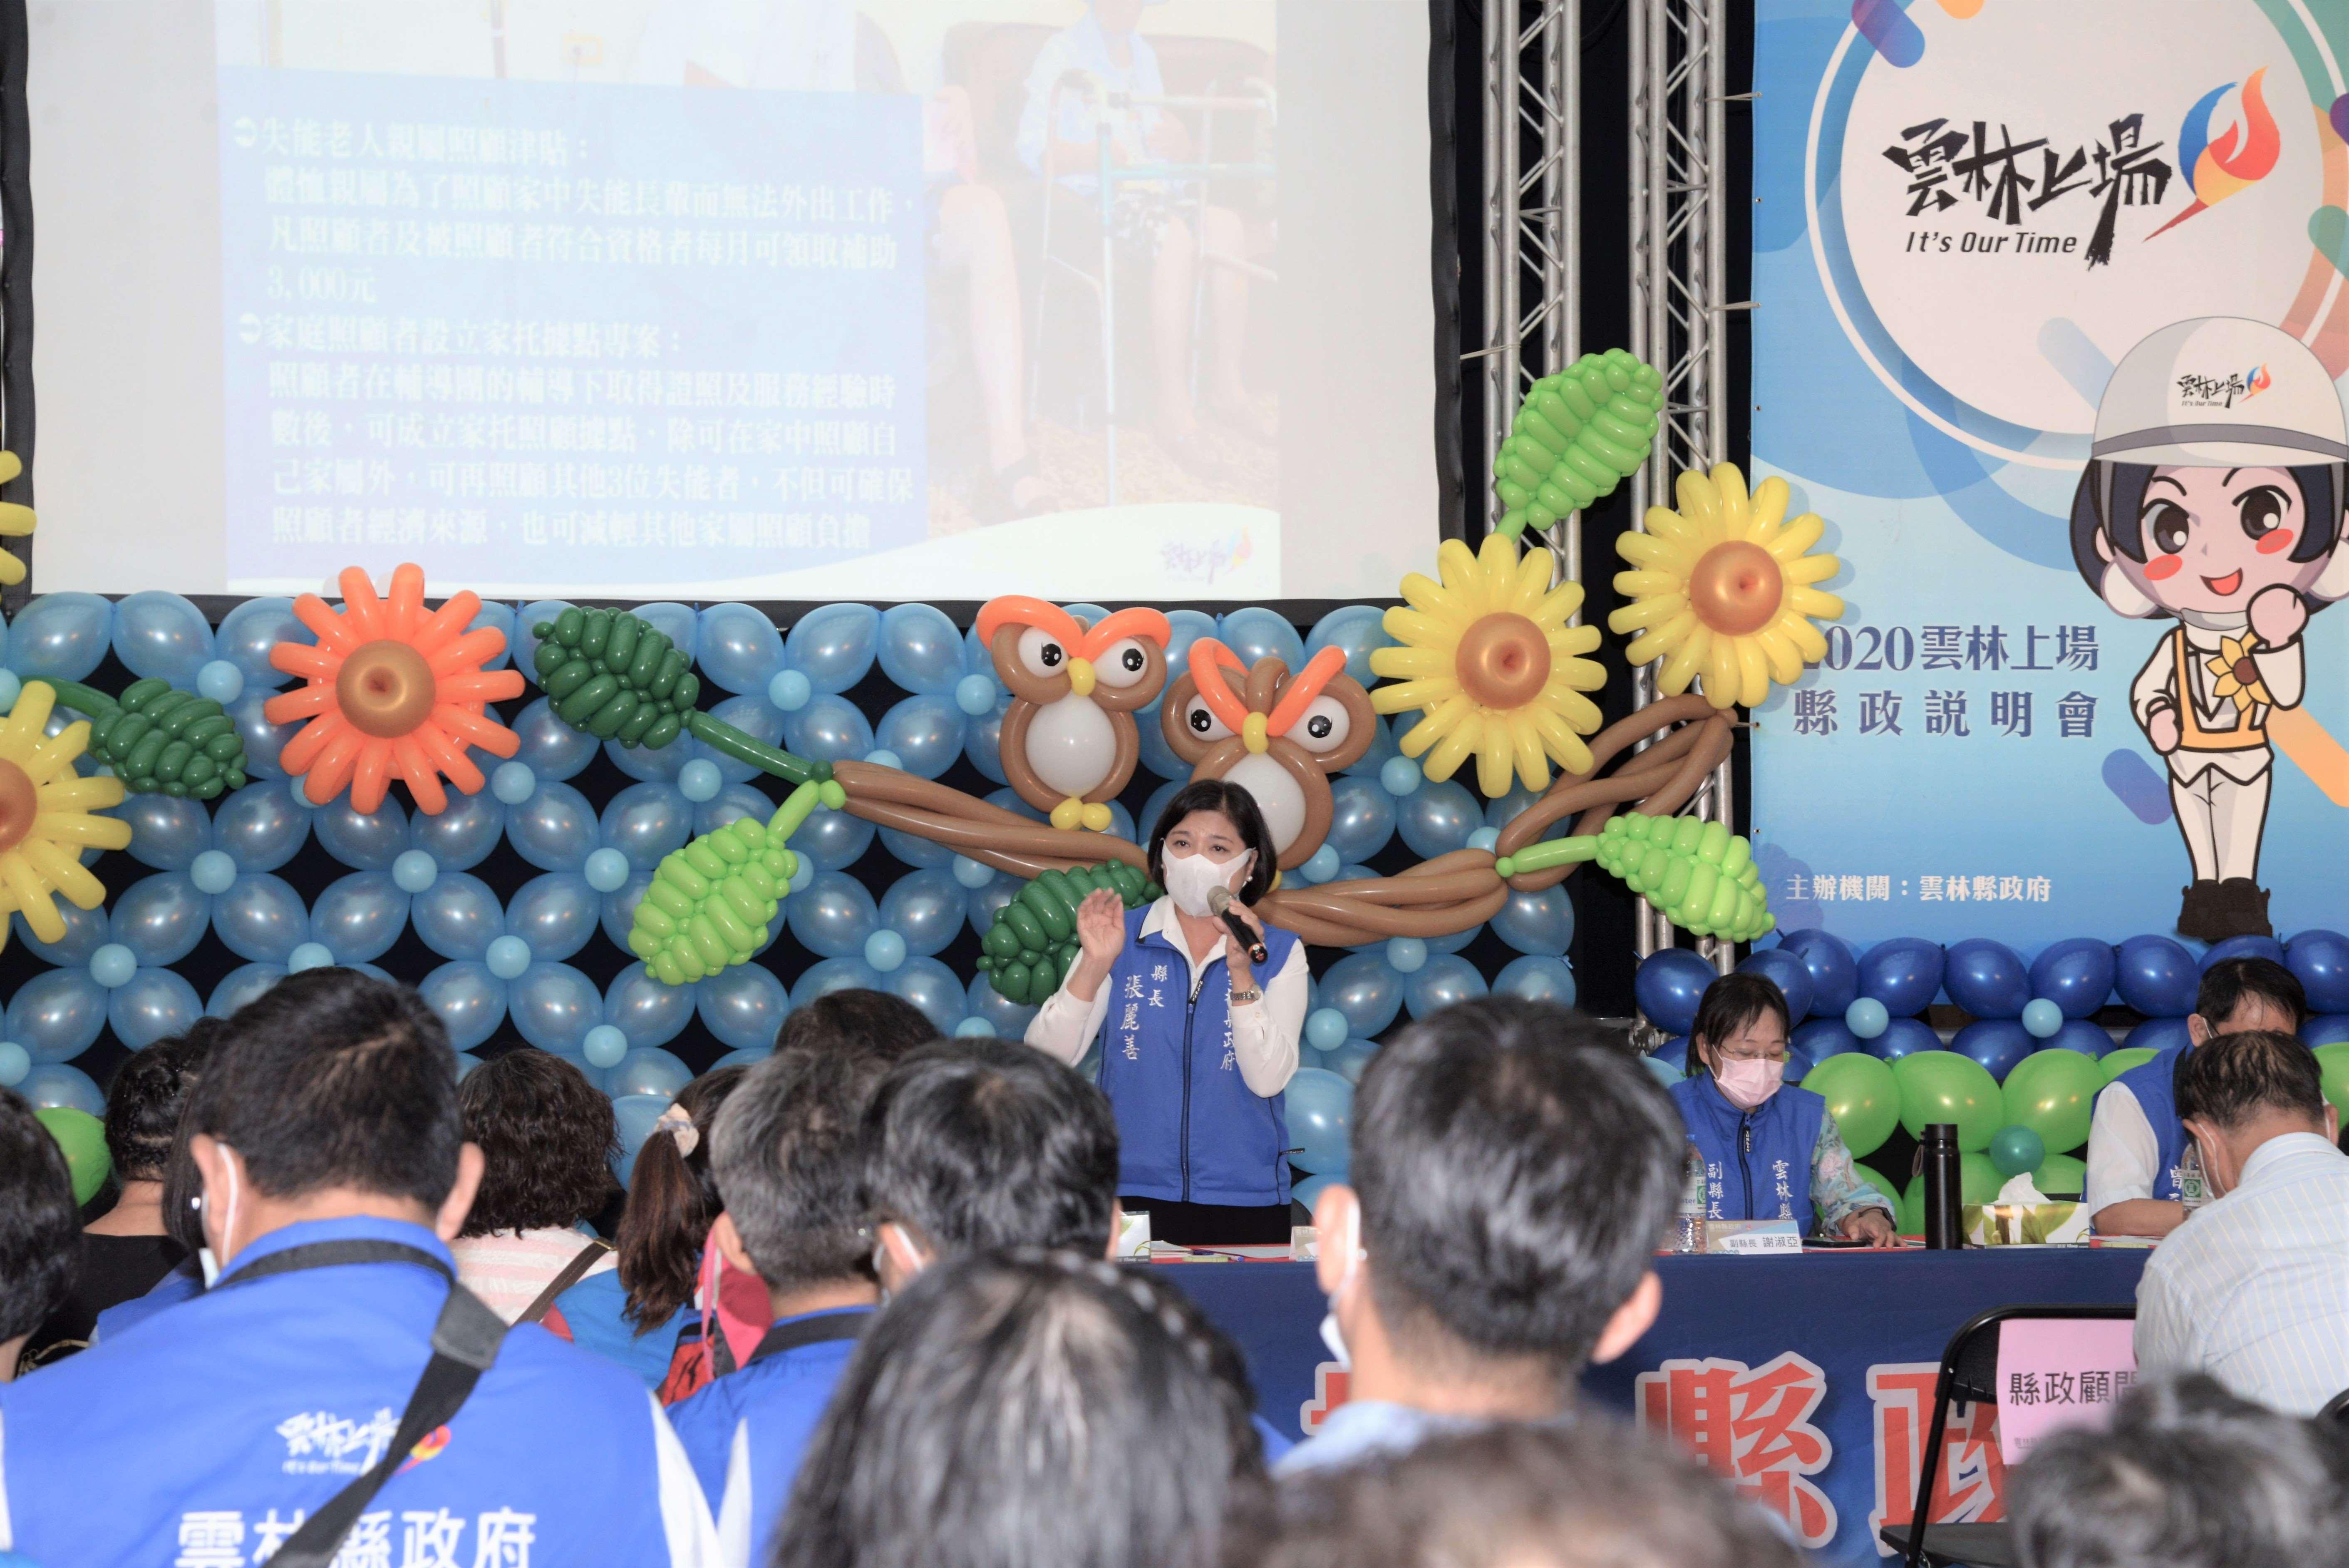 2020雲林上場縣政說明會 8月31日晚間於斗六市公所斗六廳登場